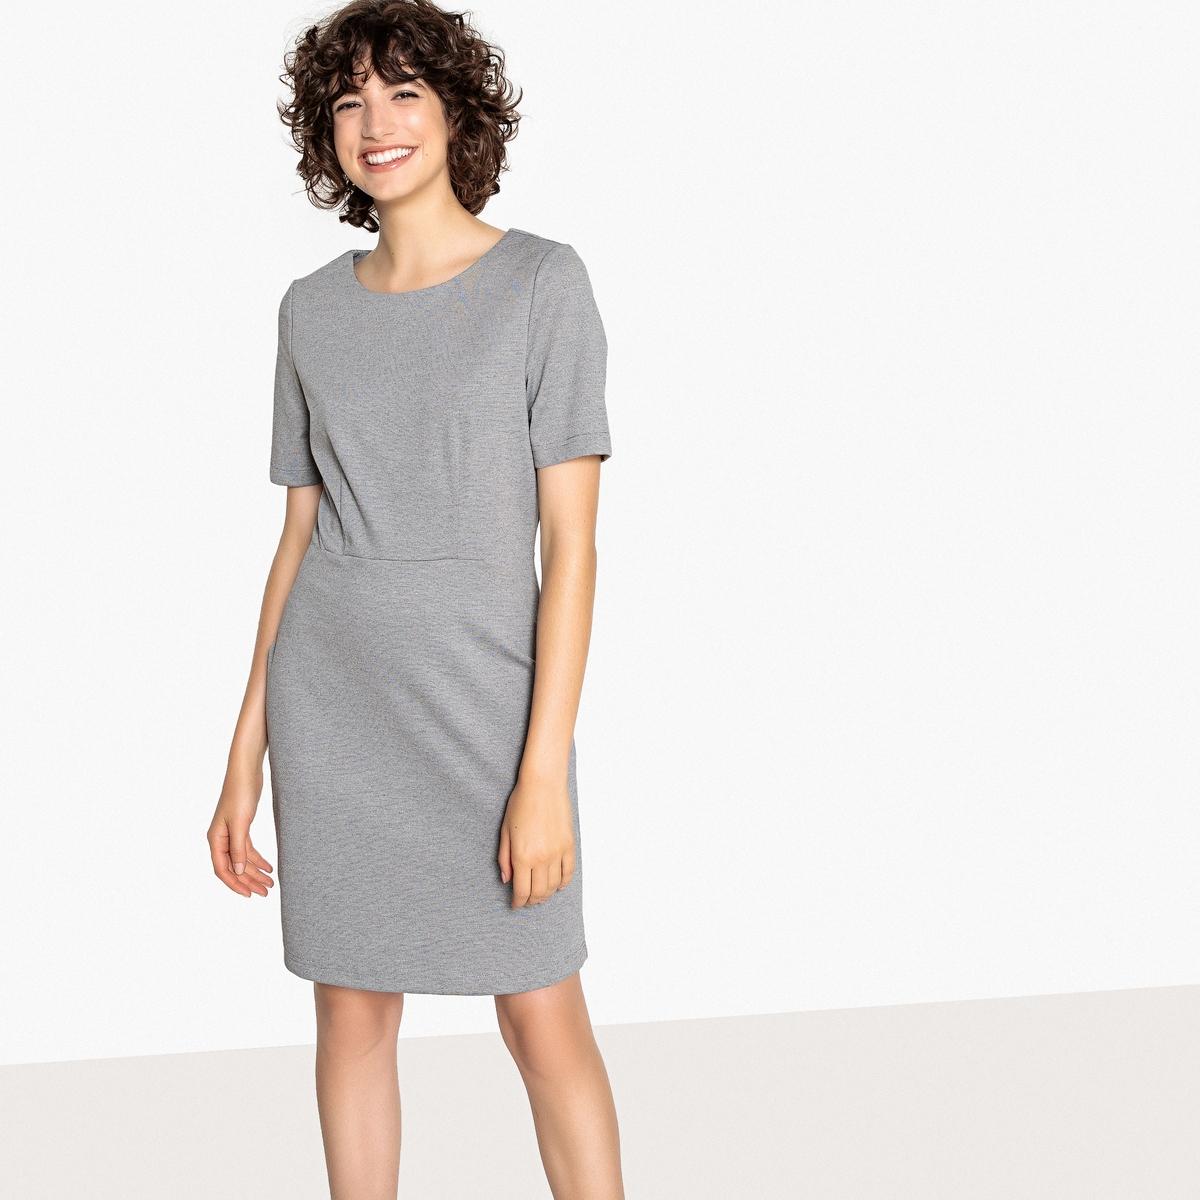 Платье La Redoute Короткое с рисунком вырезом-лодочкой и короткими рукавами 34 (FR) - 40 (RUS) серый платье la redoute длинное с запахом с короткими рукавами 34 fr 40 rus черный